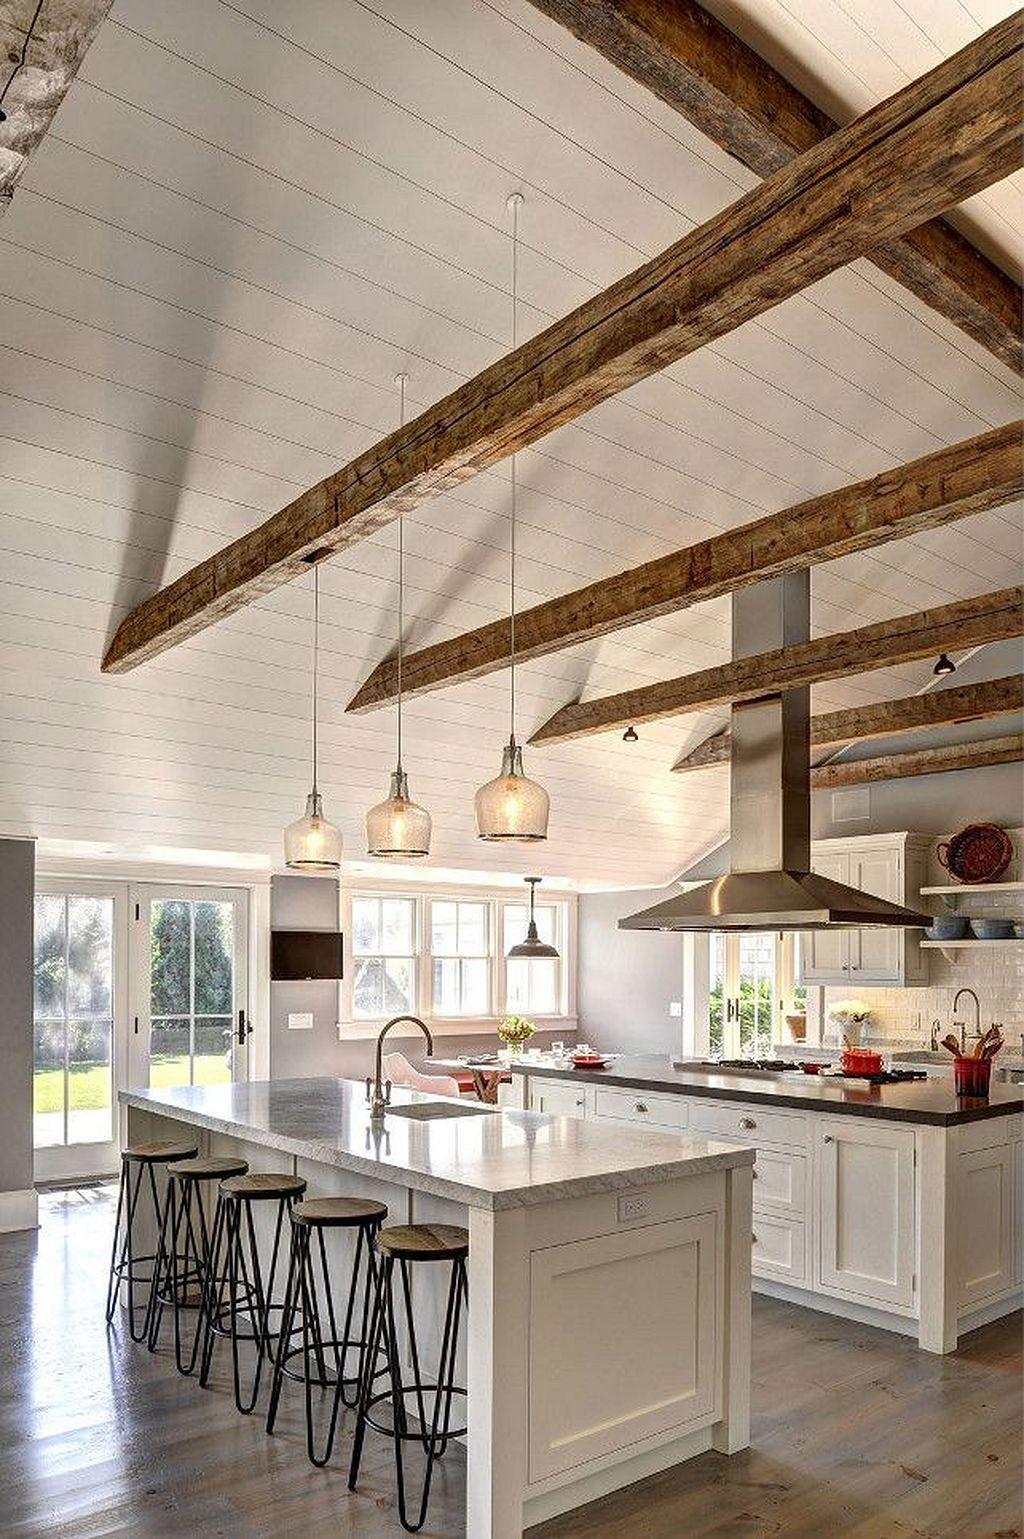 Superior 77 Gorgeous Ranch House Interior Design Ideas. Haus InnenarchitekturHome  DesignDeko ...